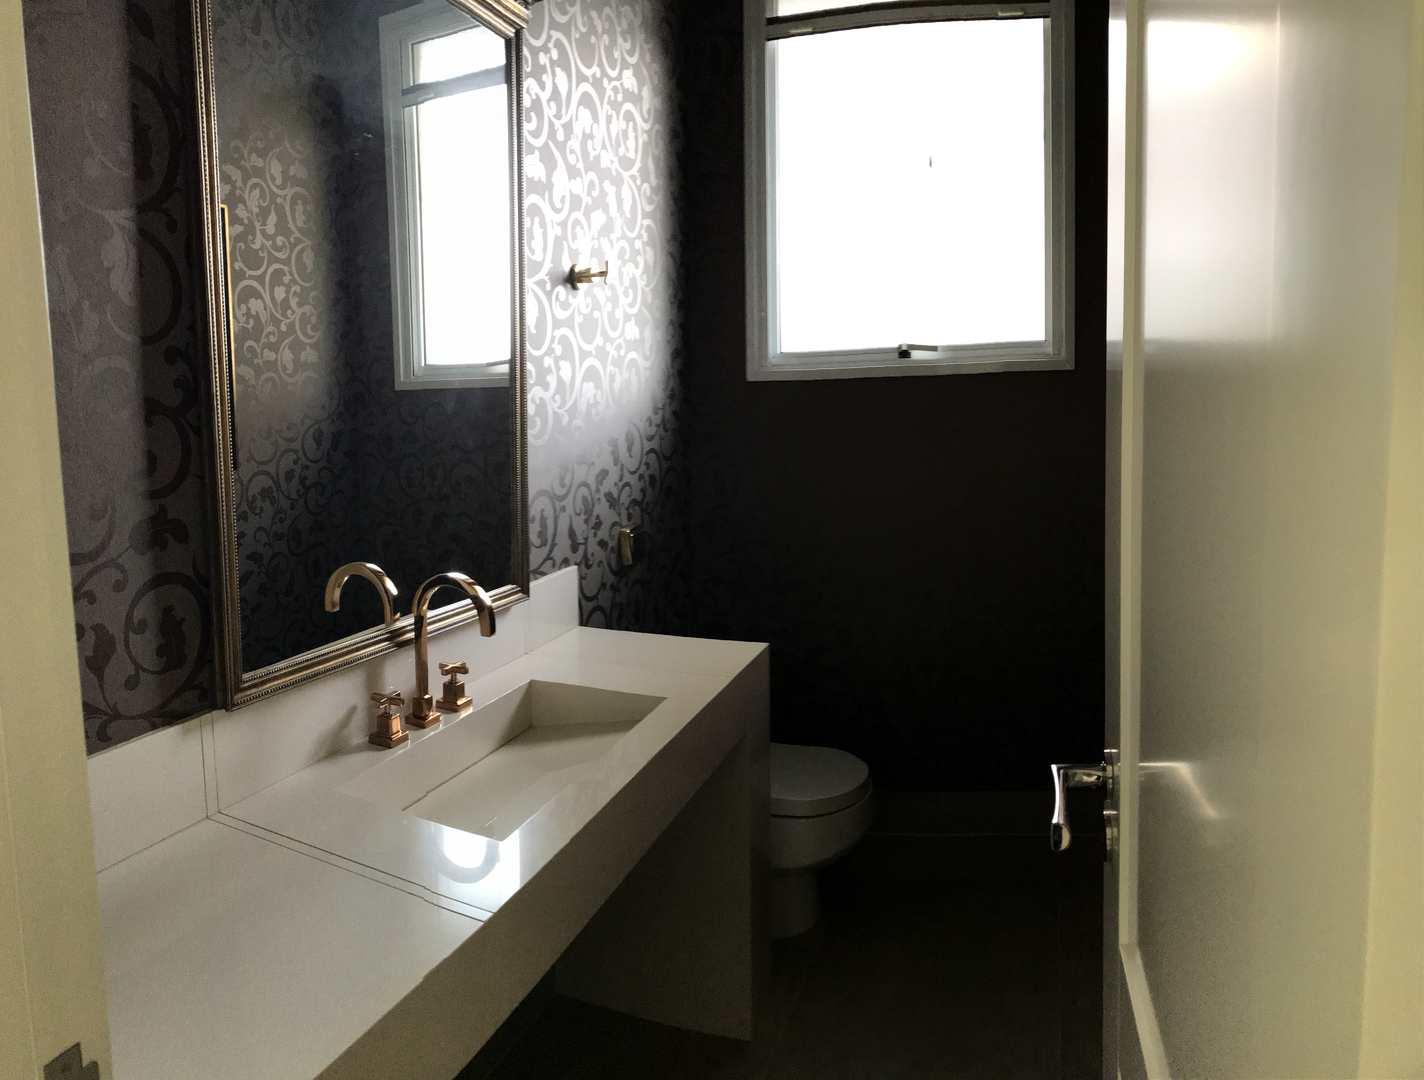 Casa de Condomínio com 3 dorms, Vila do Golf, Ribeirão Preto - R$ 4.4 mi, Cod: 1722084